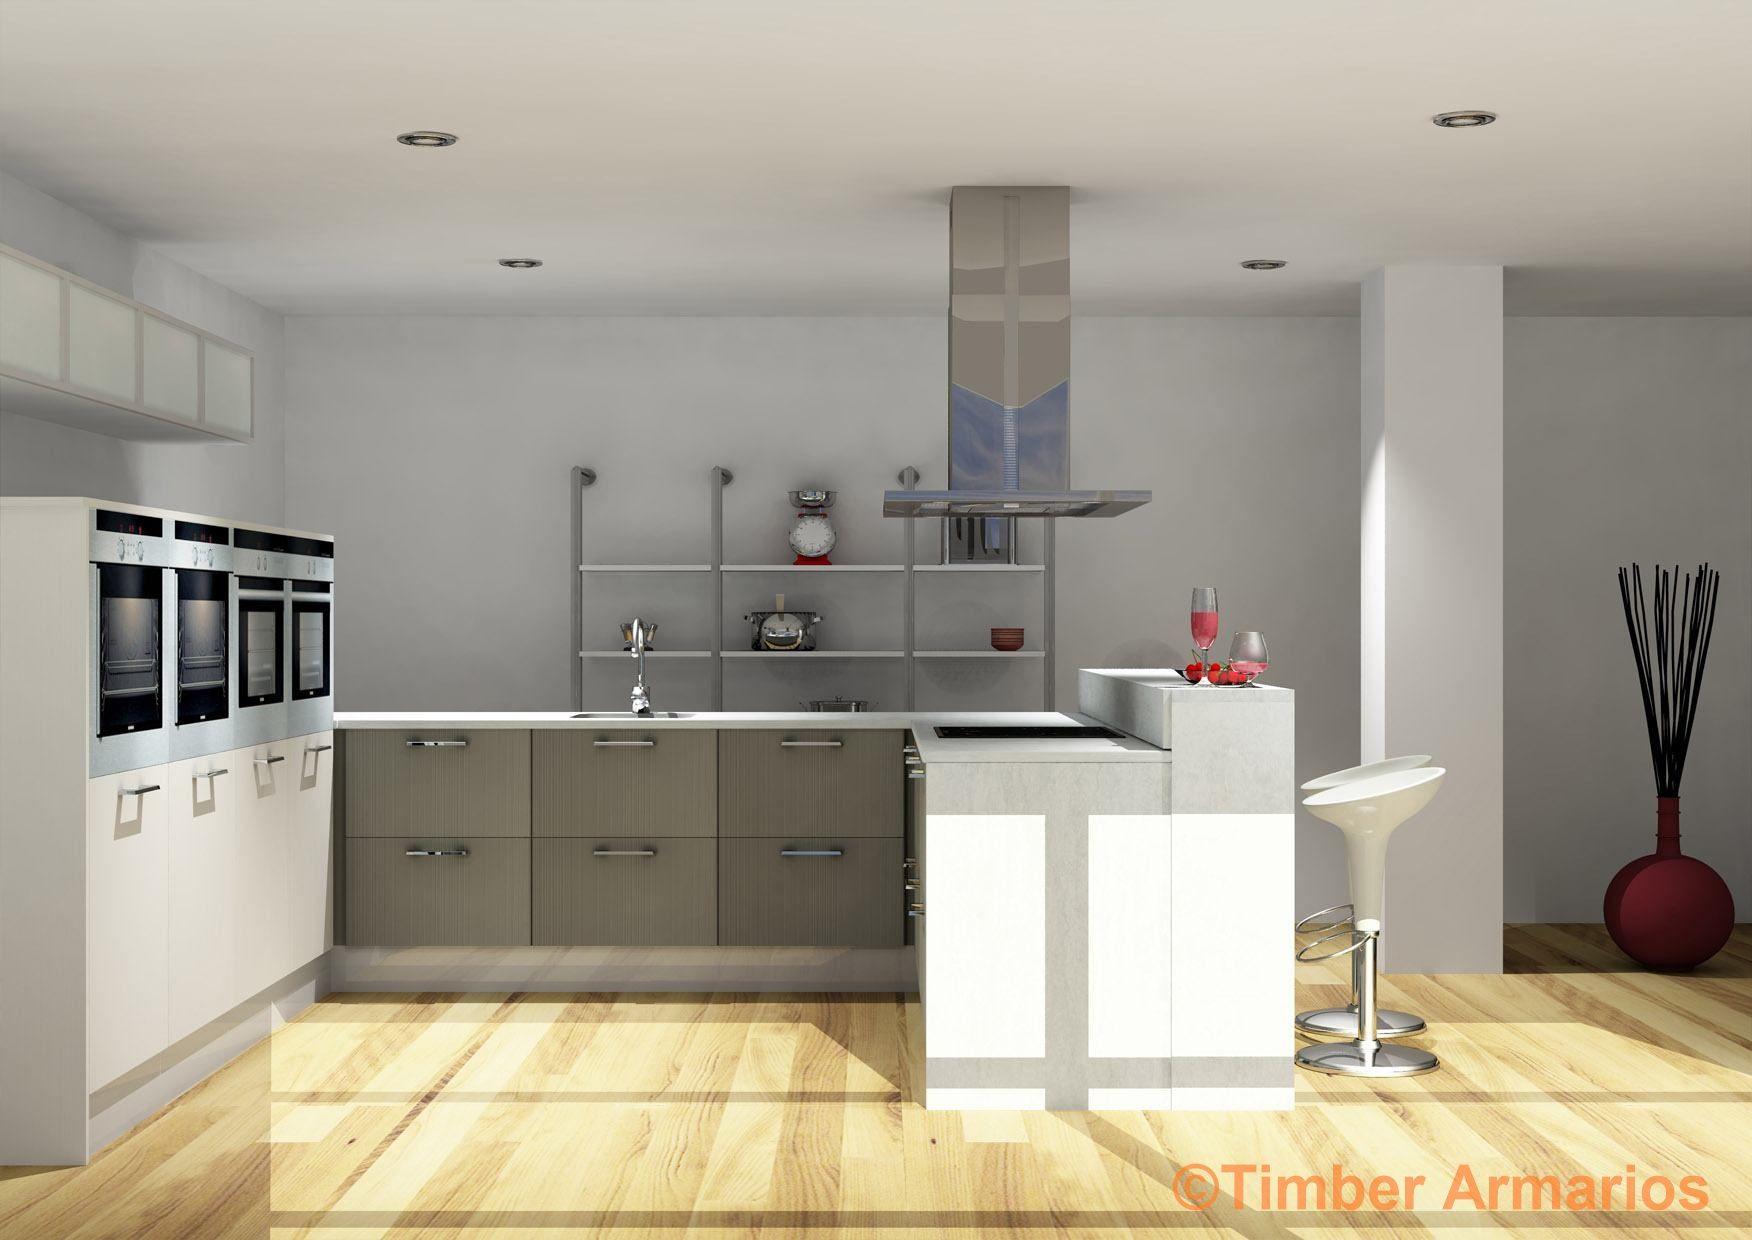 Famoso Cocina Y Baño De Escaparate Louisville Ky Ornamento - Ideas ...